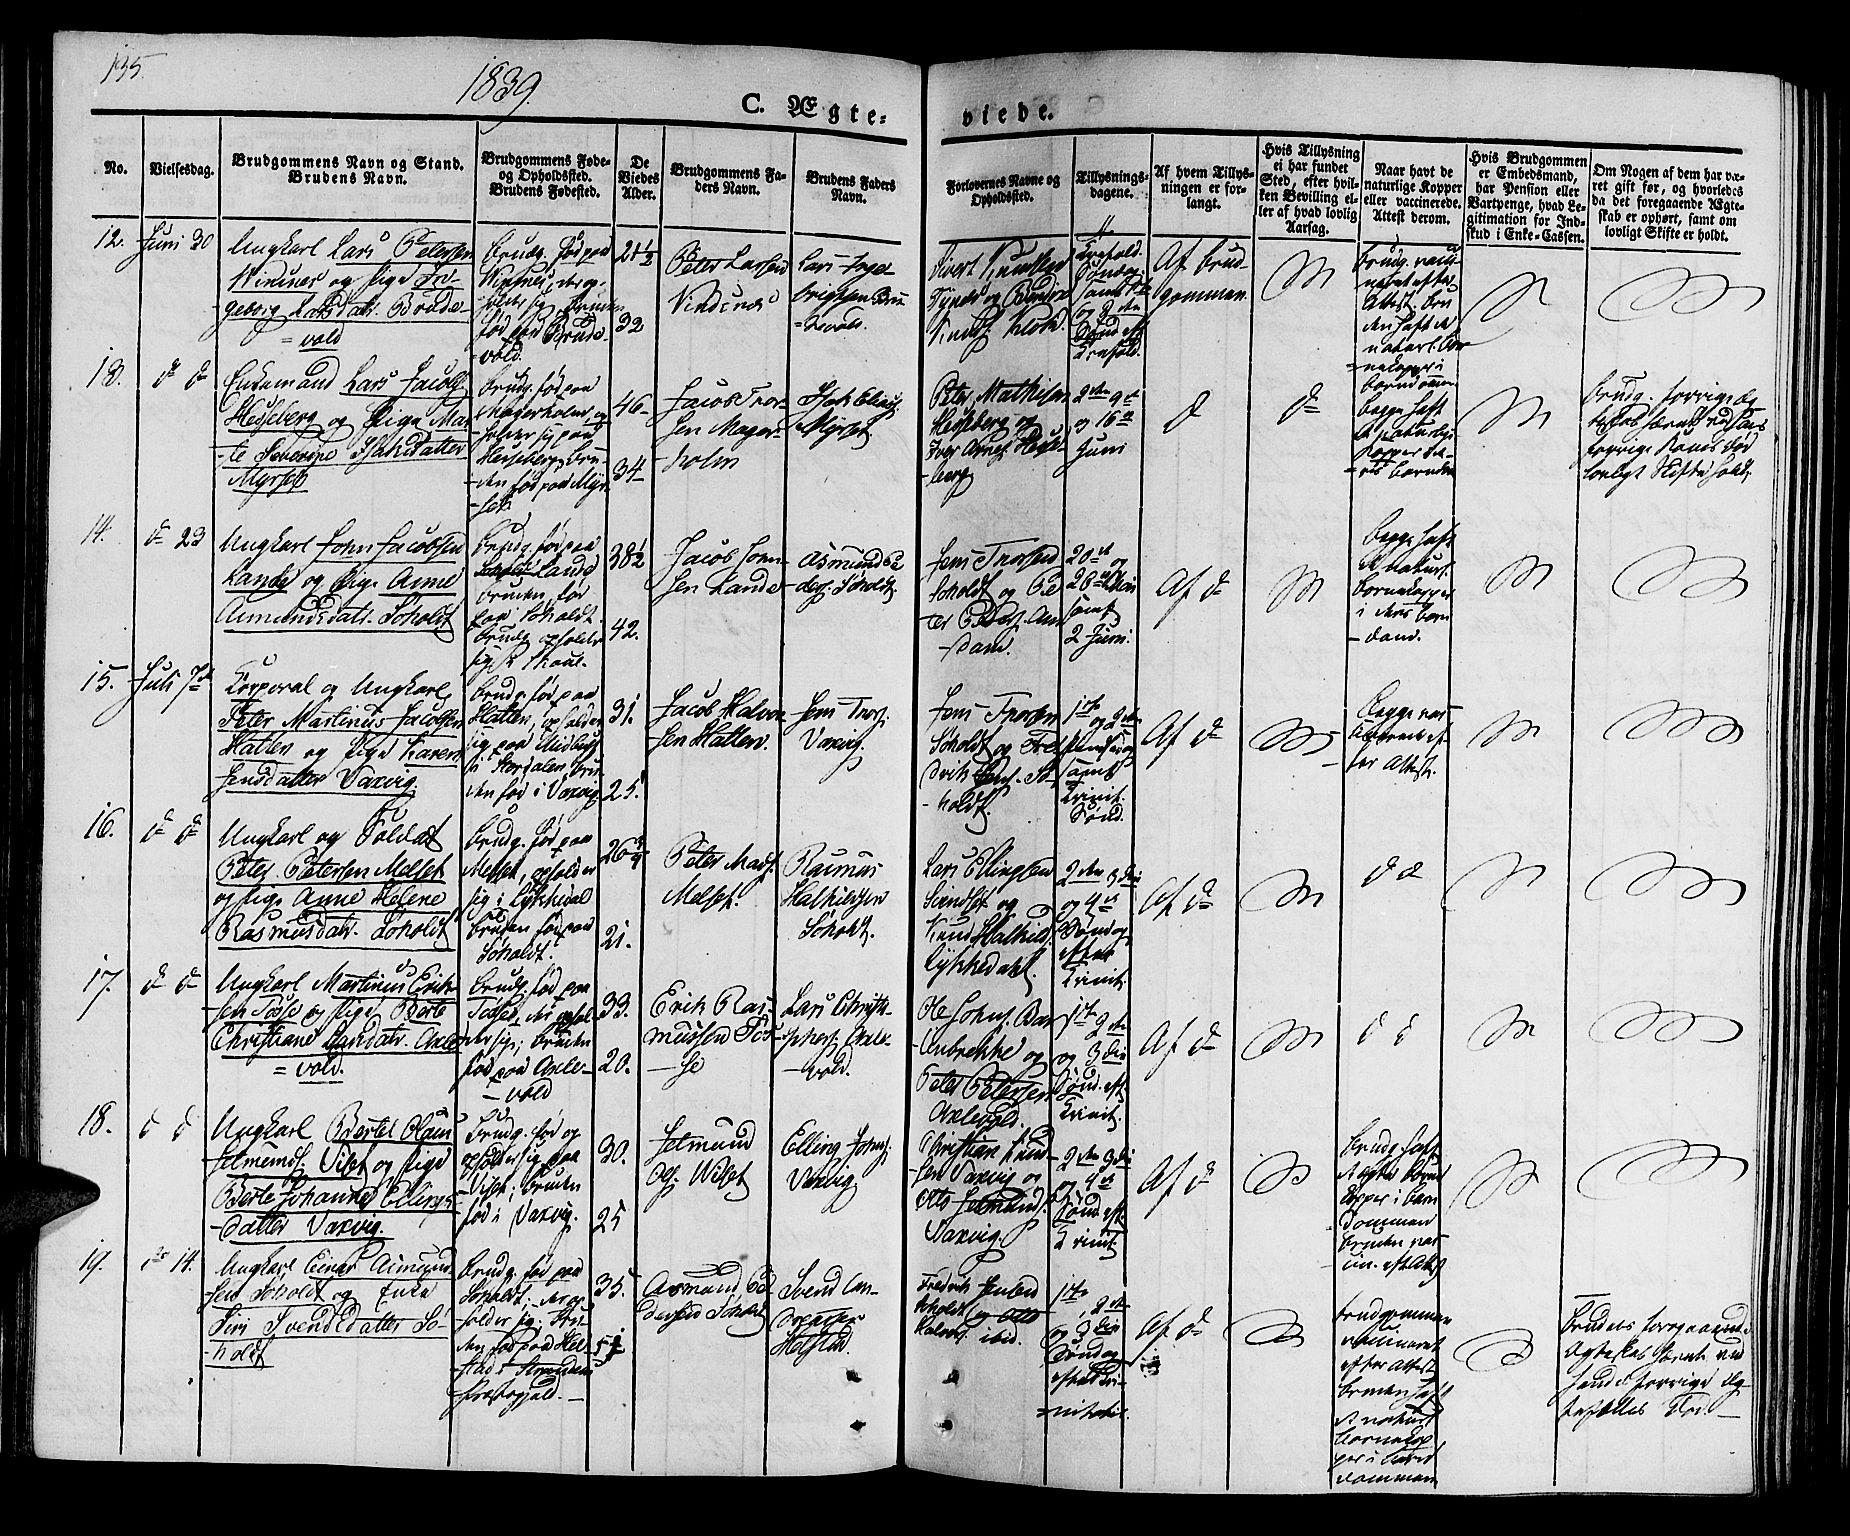 SAT, Ministerialprotokoller, klokkerbøker og fødselsregistre - Møre og Romsdal, 522/L0311: Ministerialbok nr. 522A06, 1832-1842, s. 135